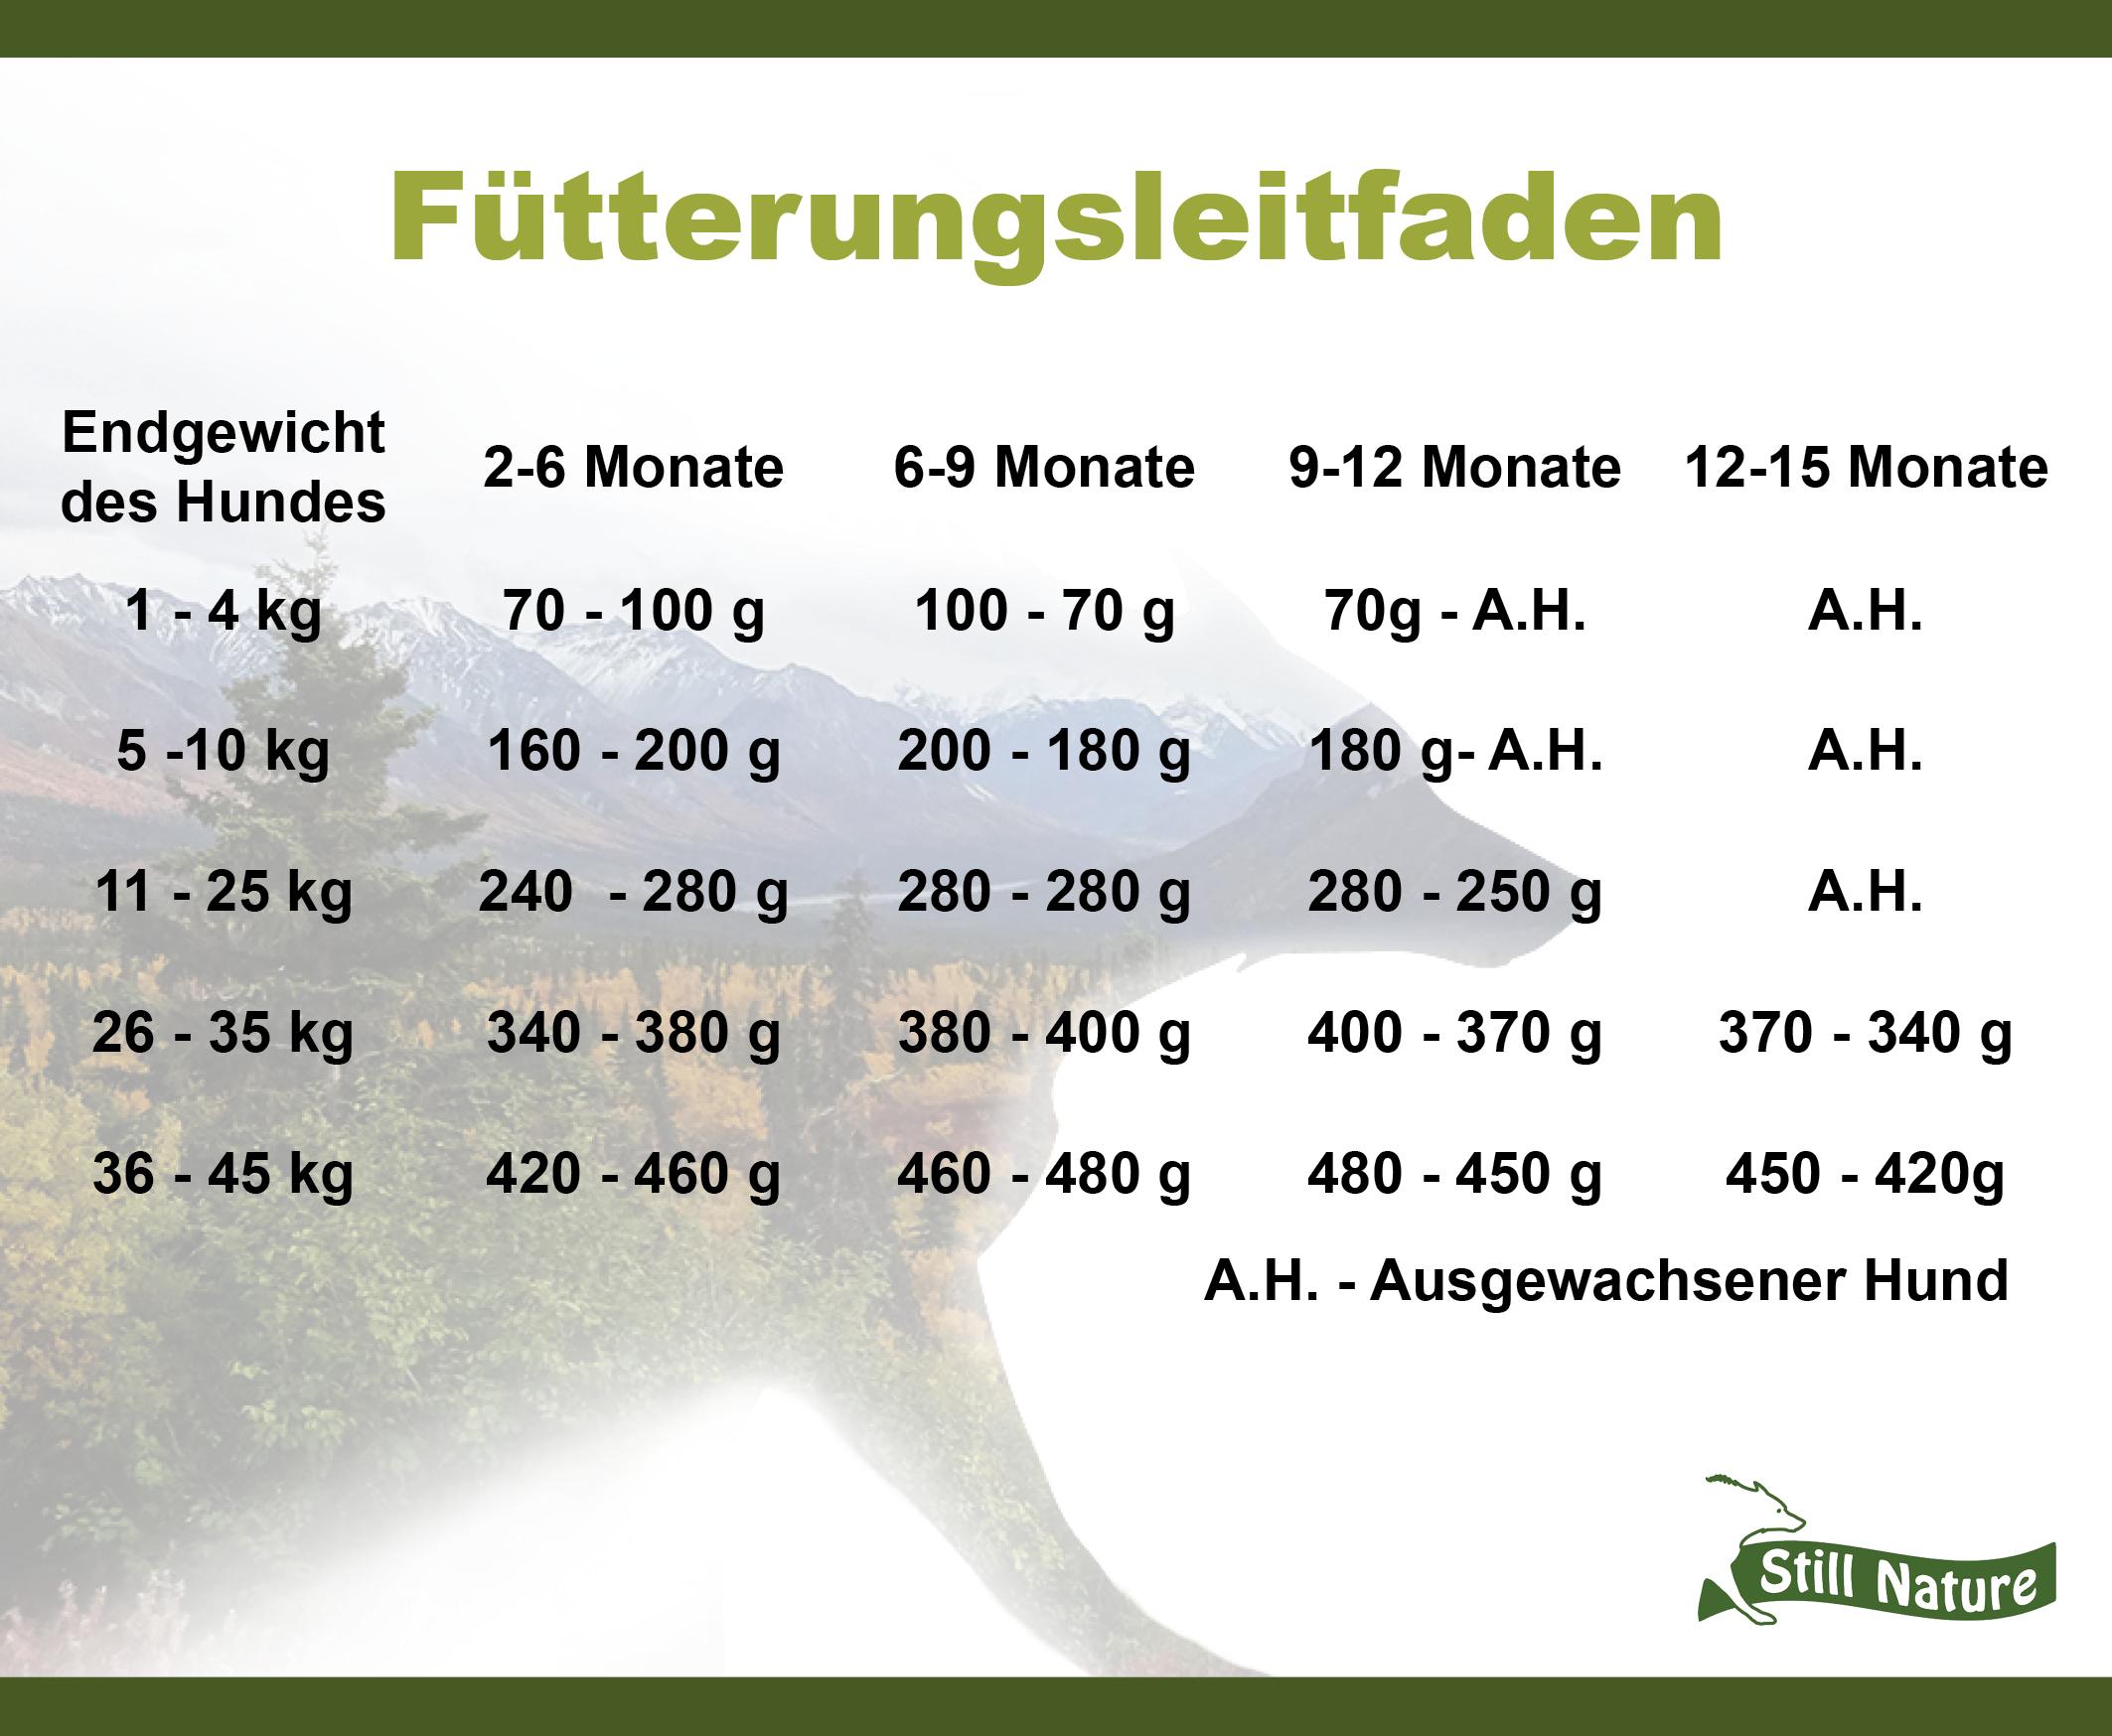 Hier findest du den Fütterungsleitfaden für die Still Nature Sorte Huhn, Pute und Lachs | Puppy